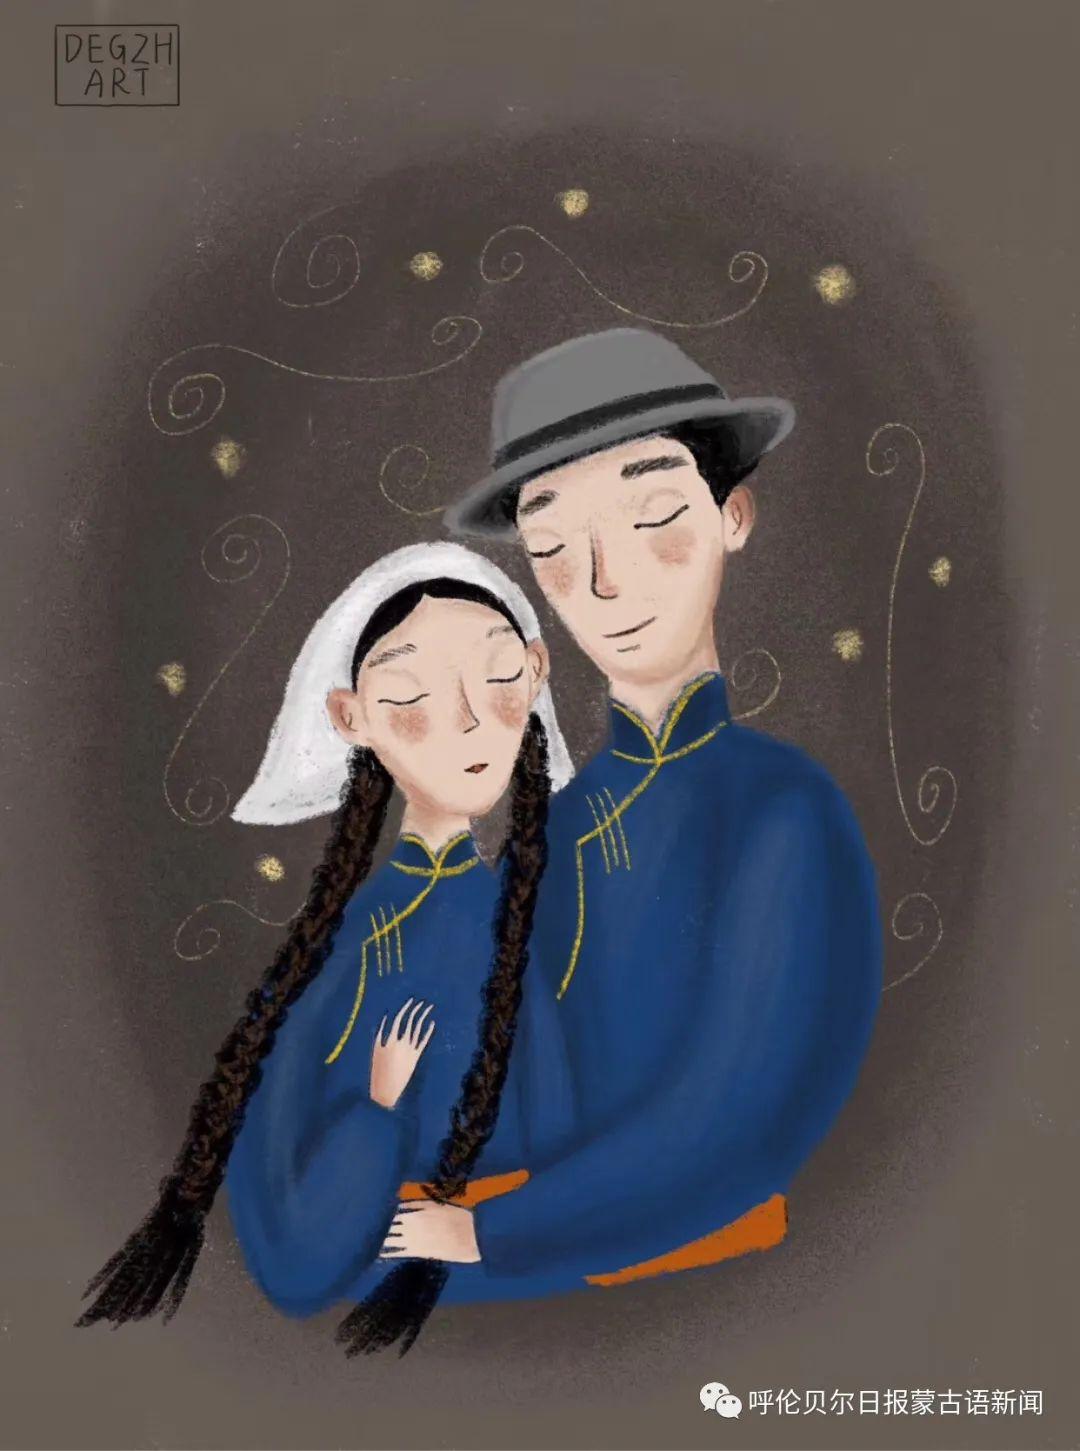 呼伦贝尔元素治愈系插图  我心融化了!(Mongol) 第12张